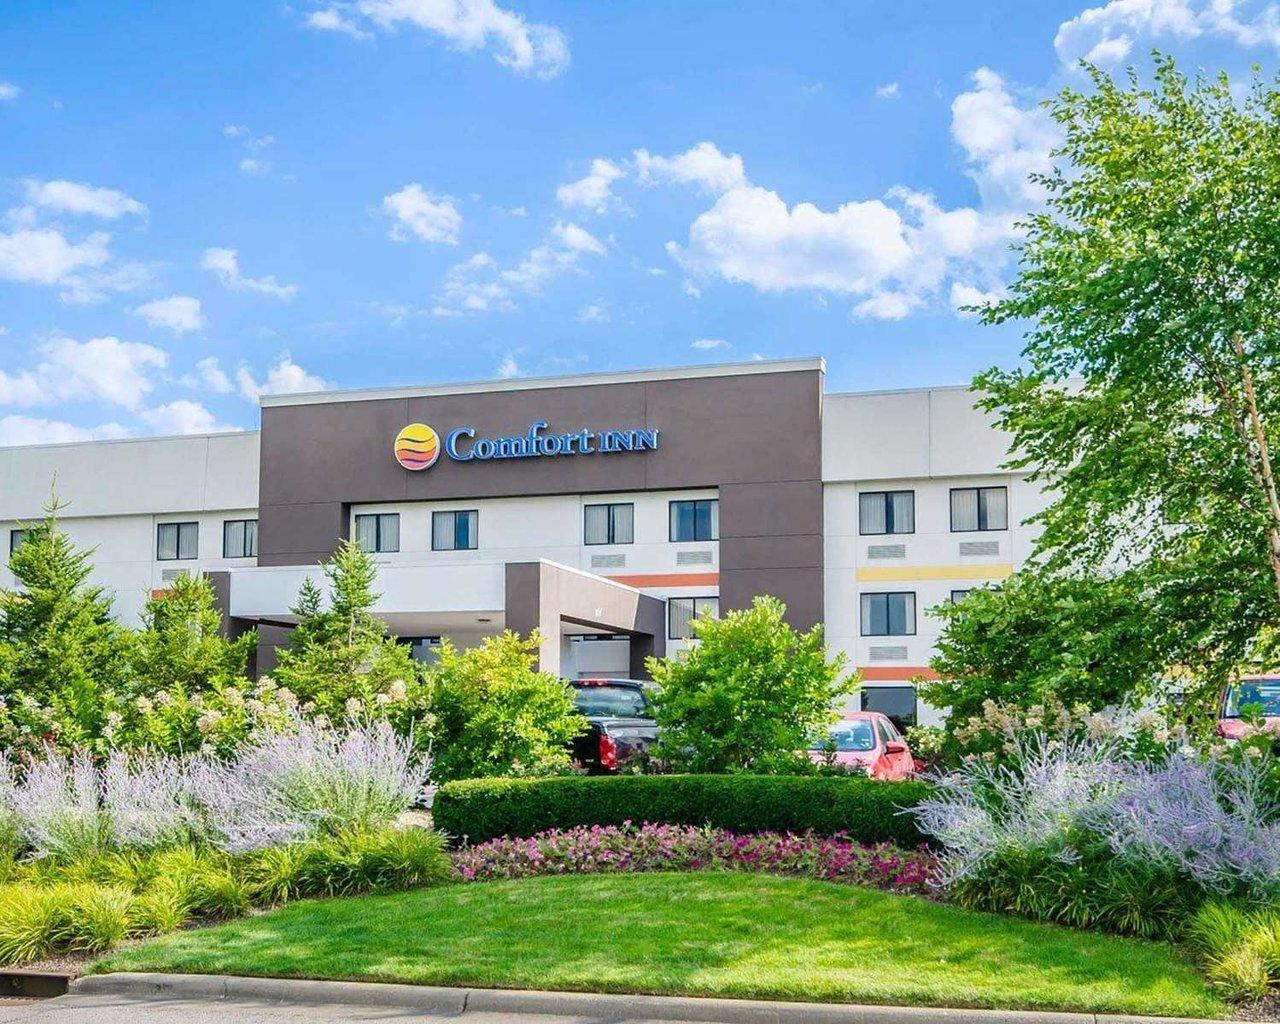 Comfort Inn Sheperdsville Louisville South 79 1 0 7